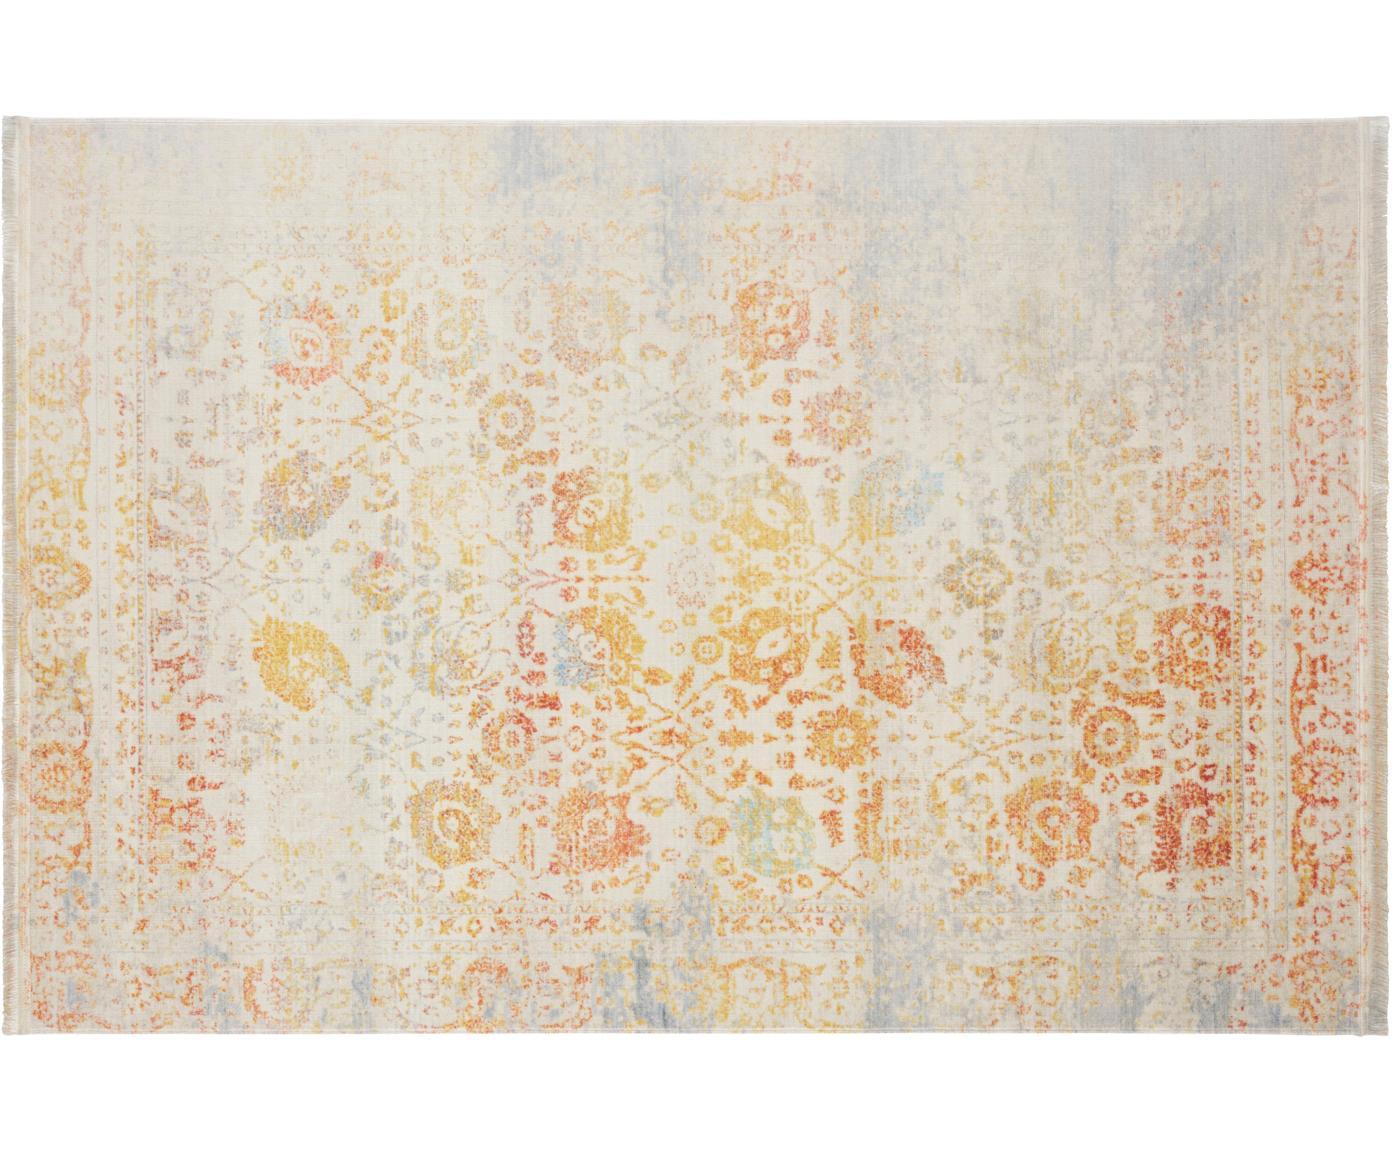 Tappeto Menga, Retro: poliestere, Multicolore, Larg. 120 x Lung. 180 cm (taglia S)